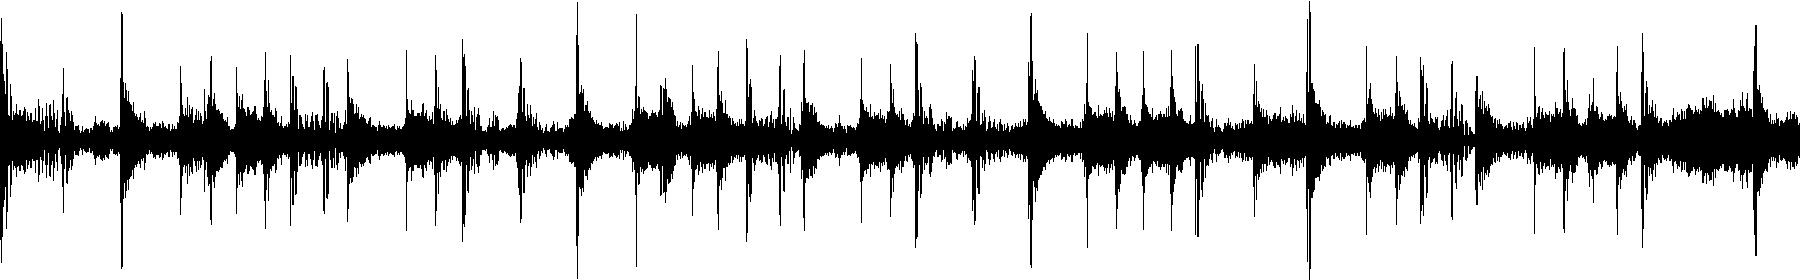 dbx 160vu 010